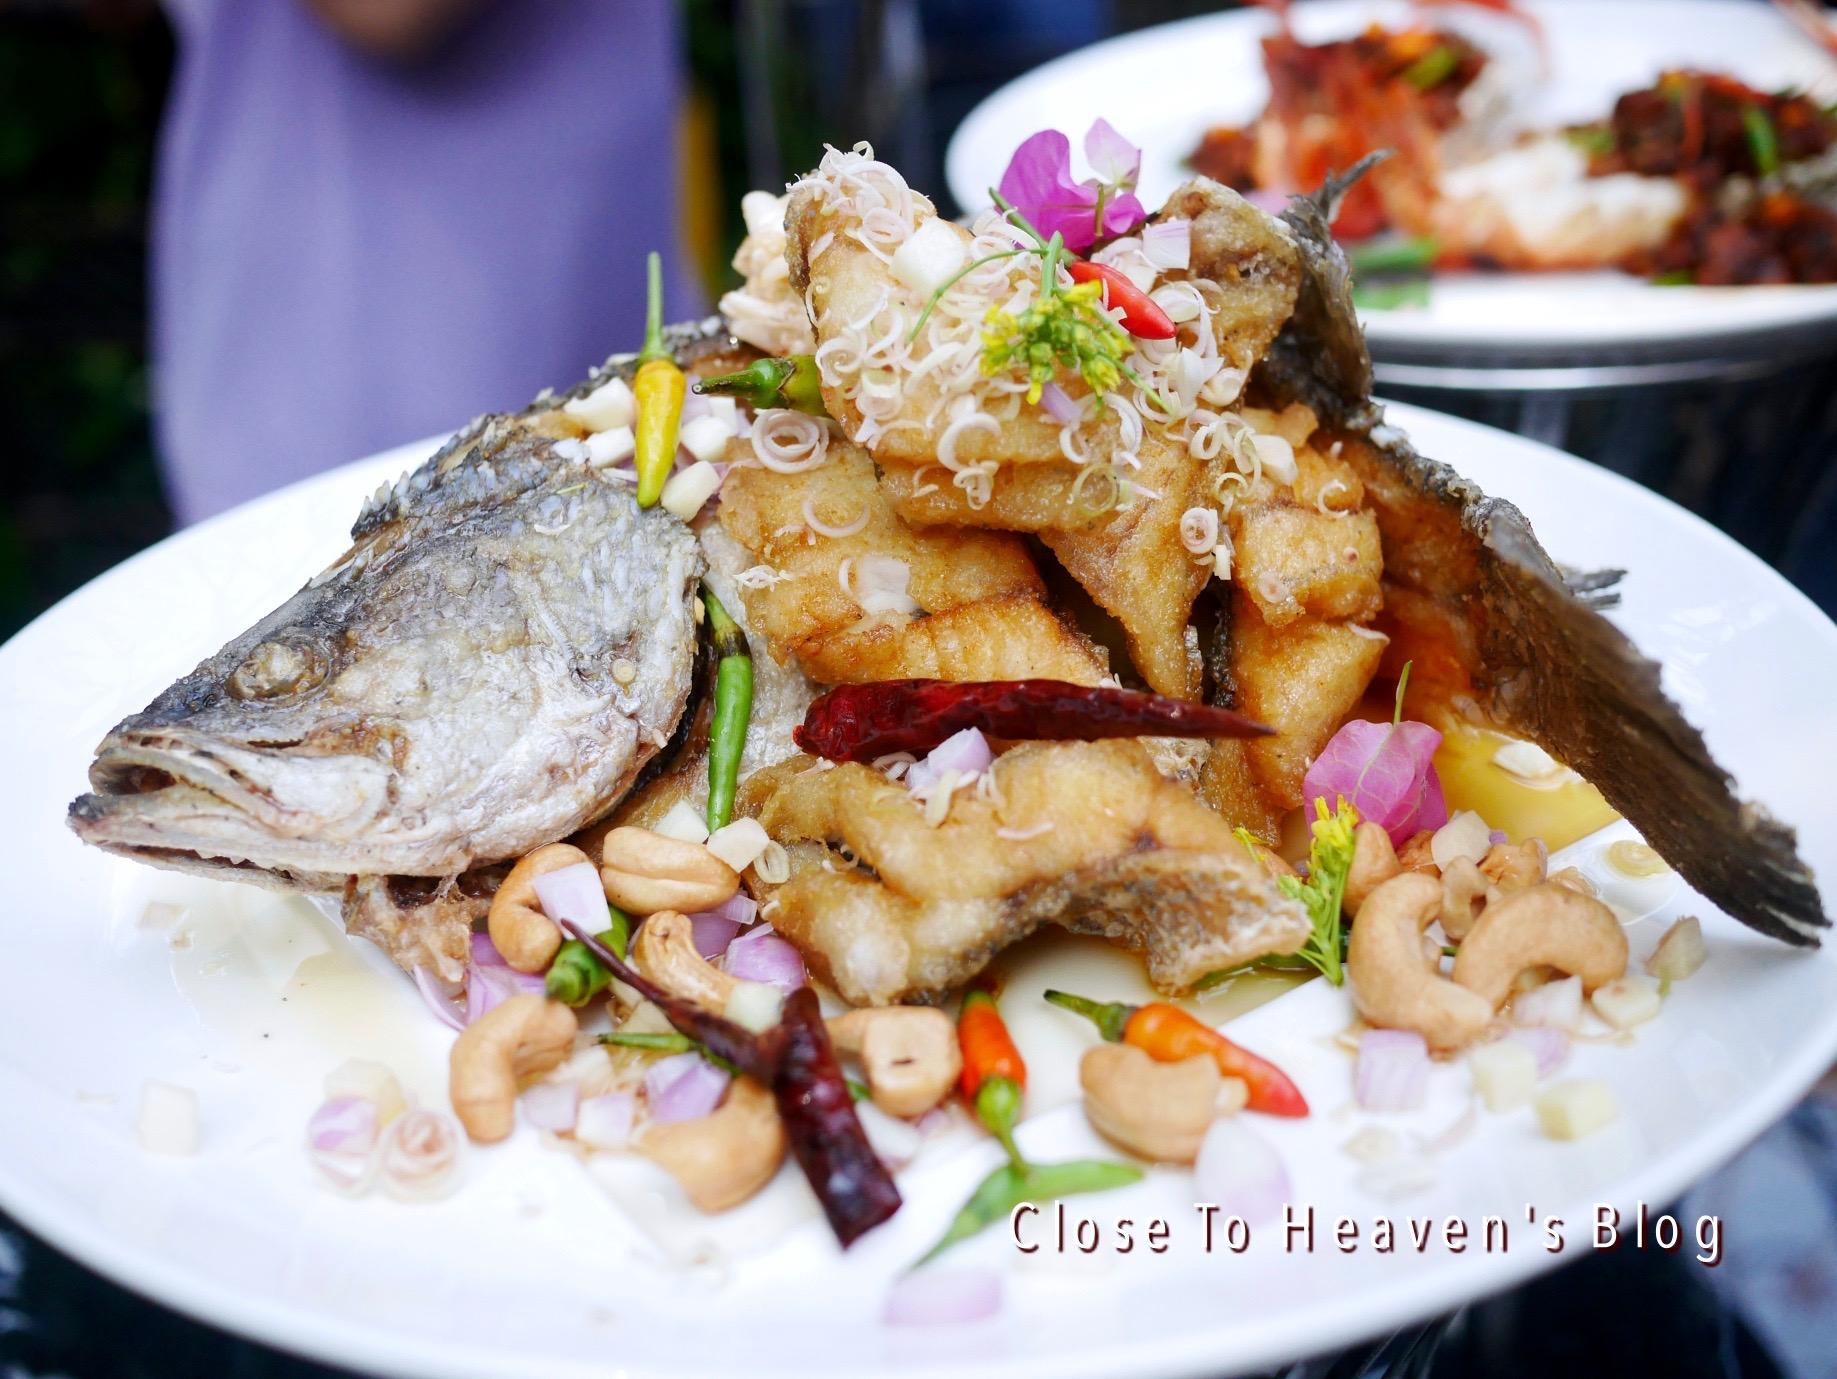 ห้องอาหารไทย สวนบัว เซ็นทารา ลาดพร้าว